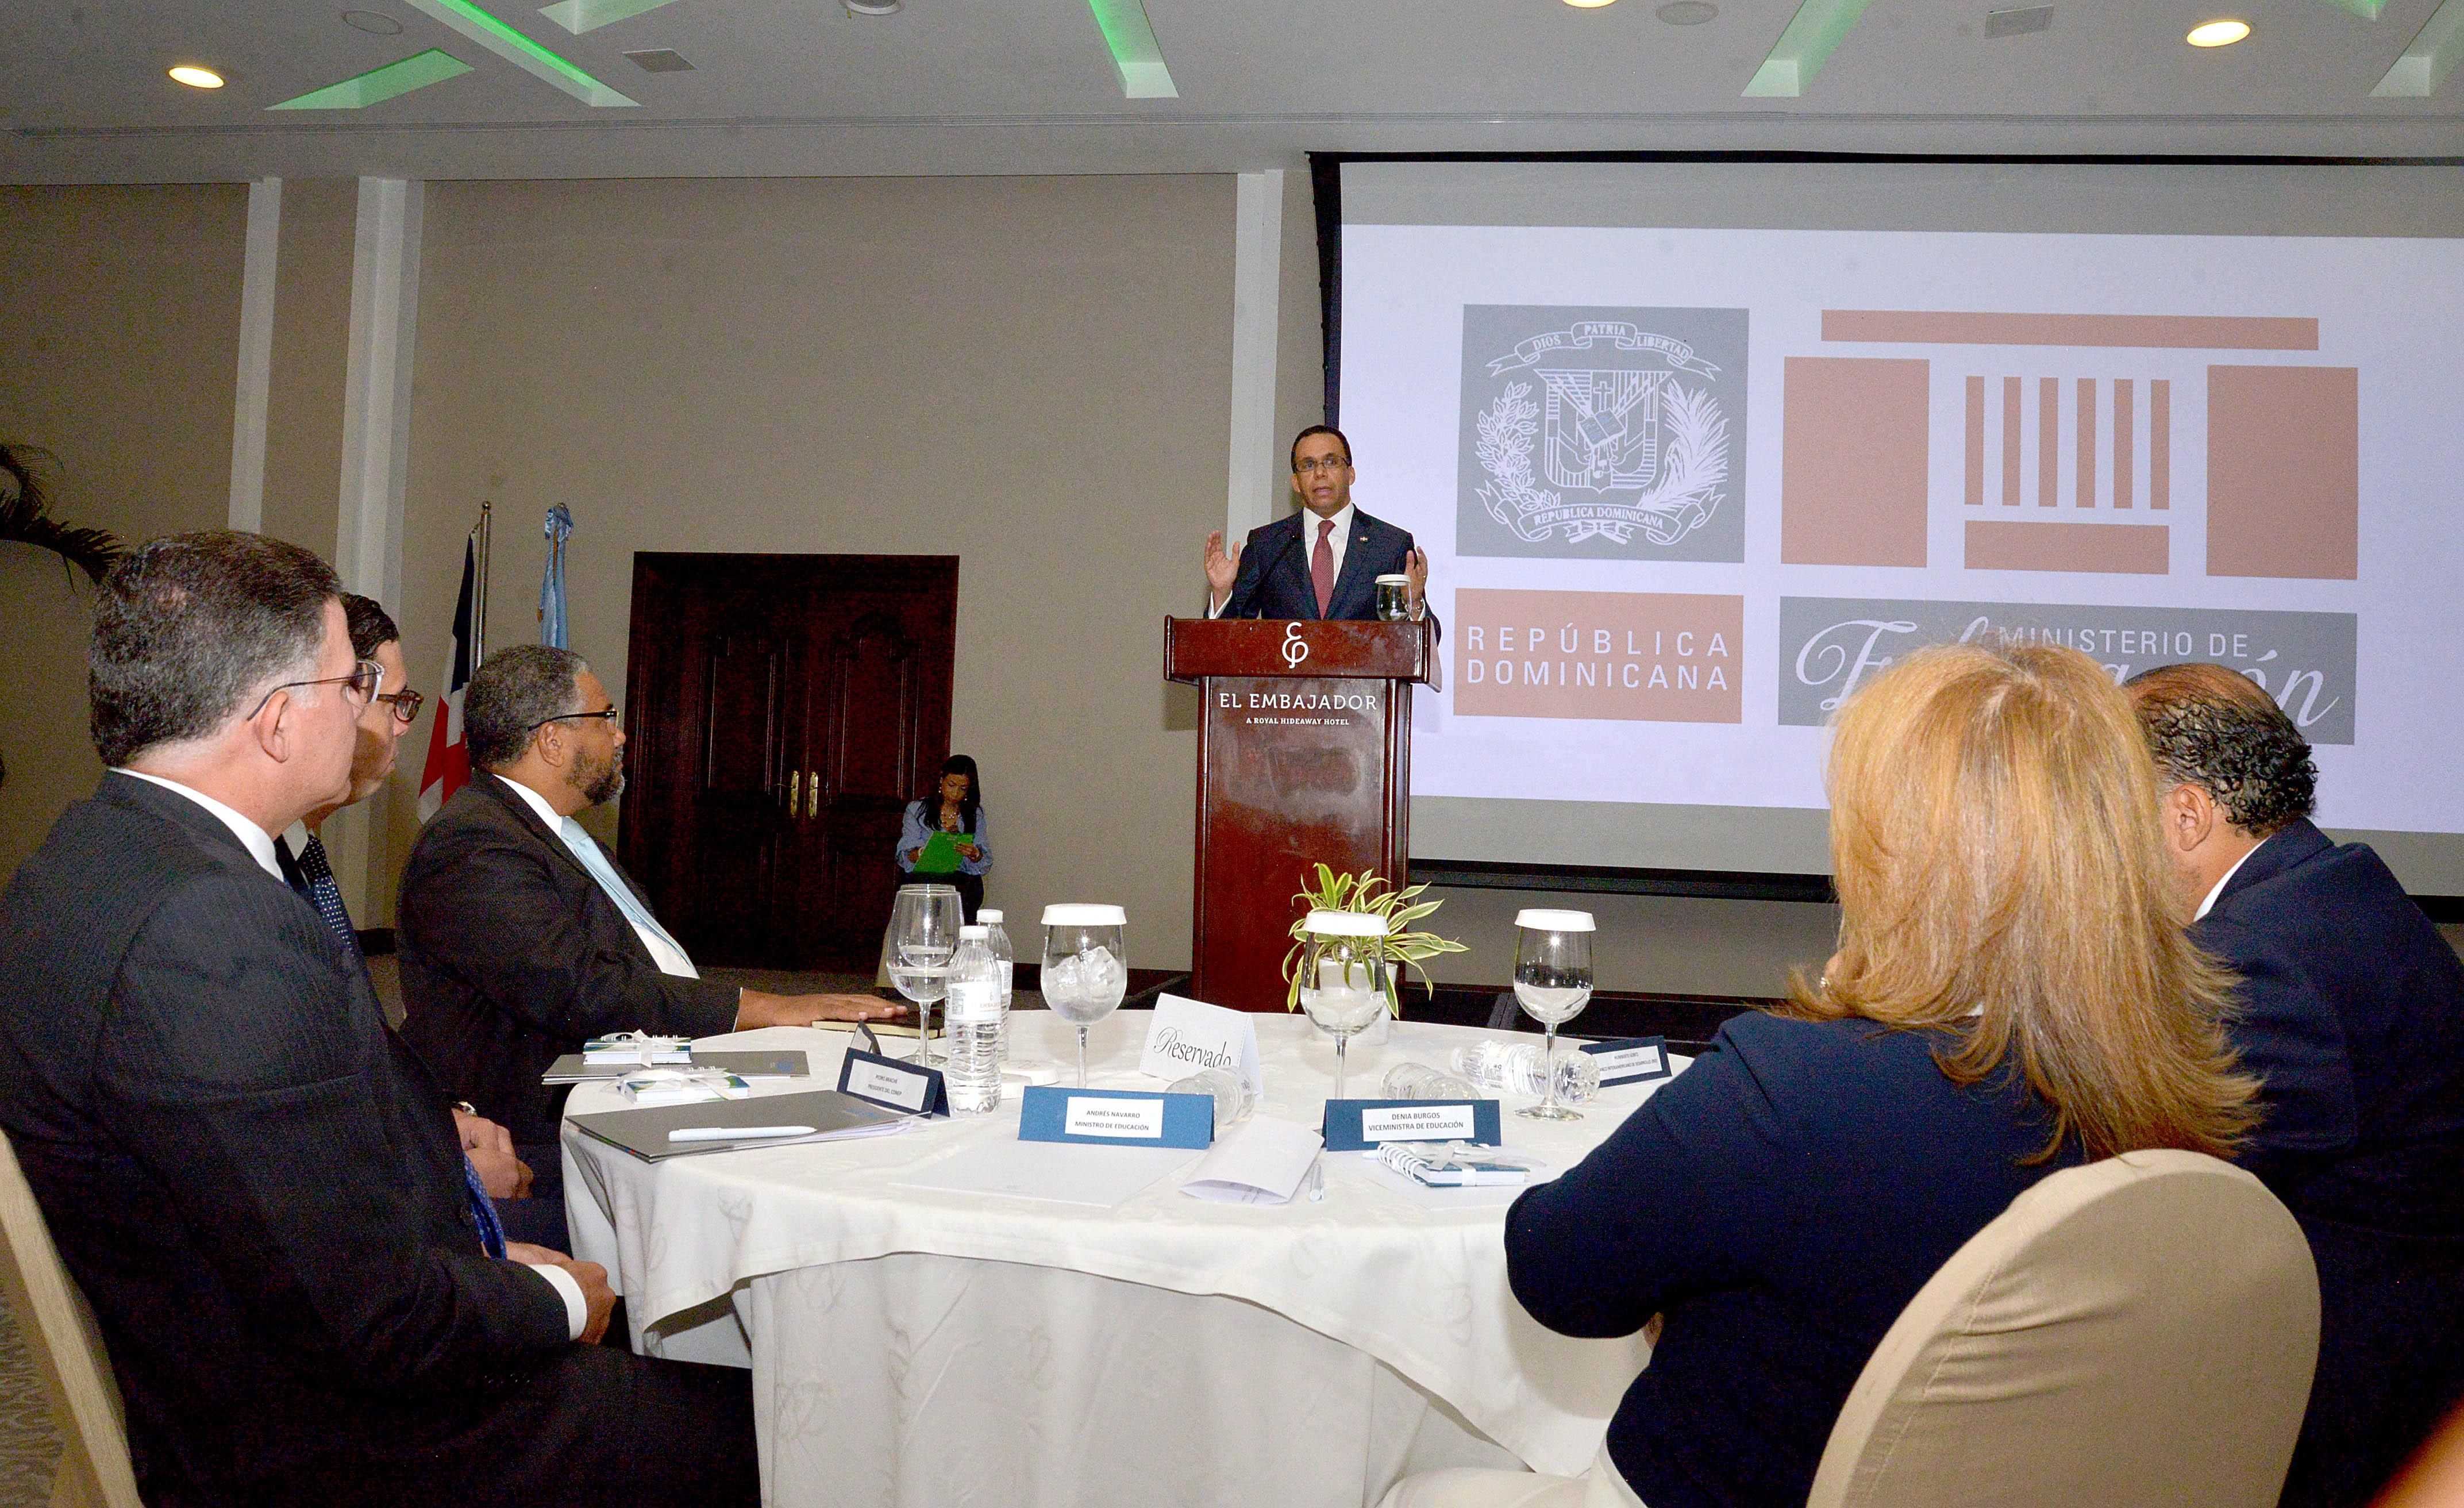 Navarro gestiona alianza público-privada para convertir liceos en politécnicos